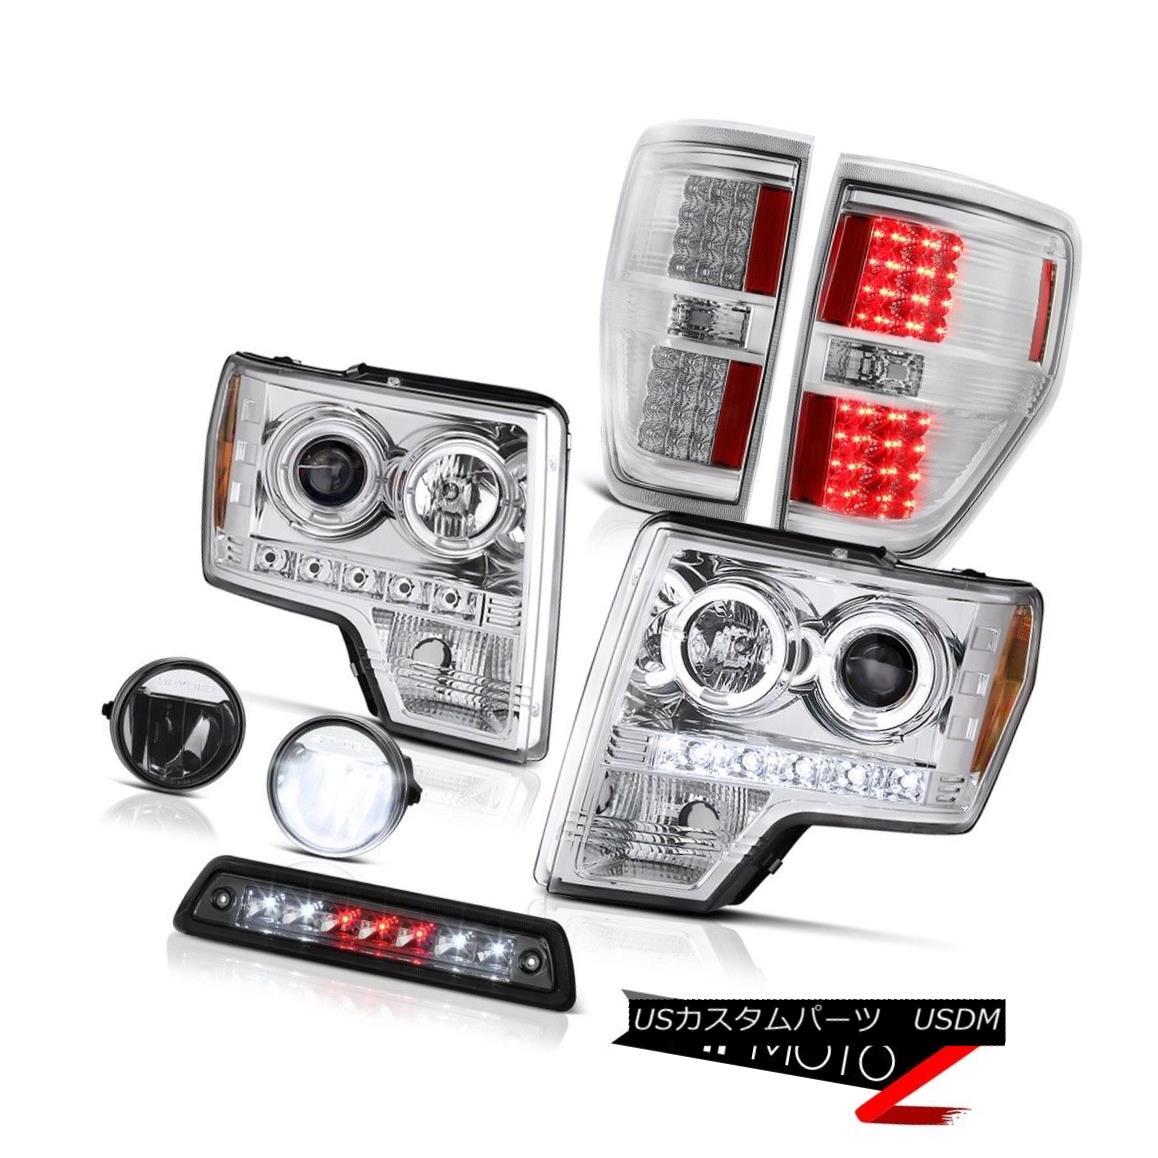 テールライト 2009-2014 F150 XLT Titanium smoke third brake lamp fog lights tail Headlamps DRL 2009?2014年F150 XLTチタン煙第3ブレーキランプフォグライトテールヘッドランプDRL